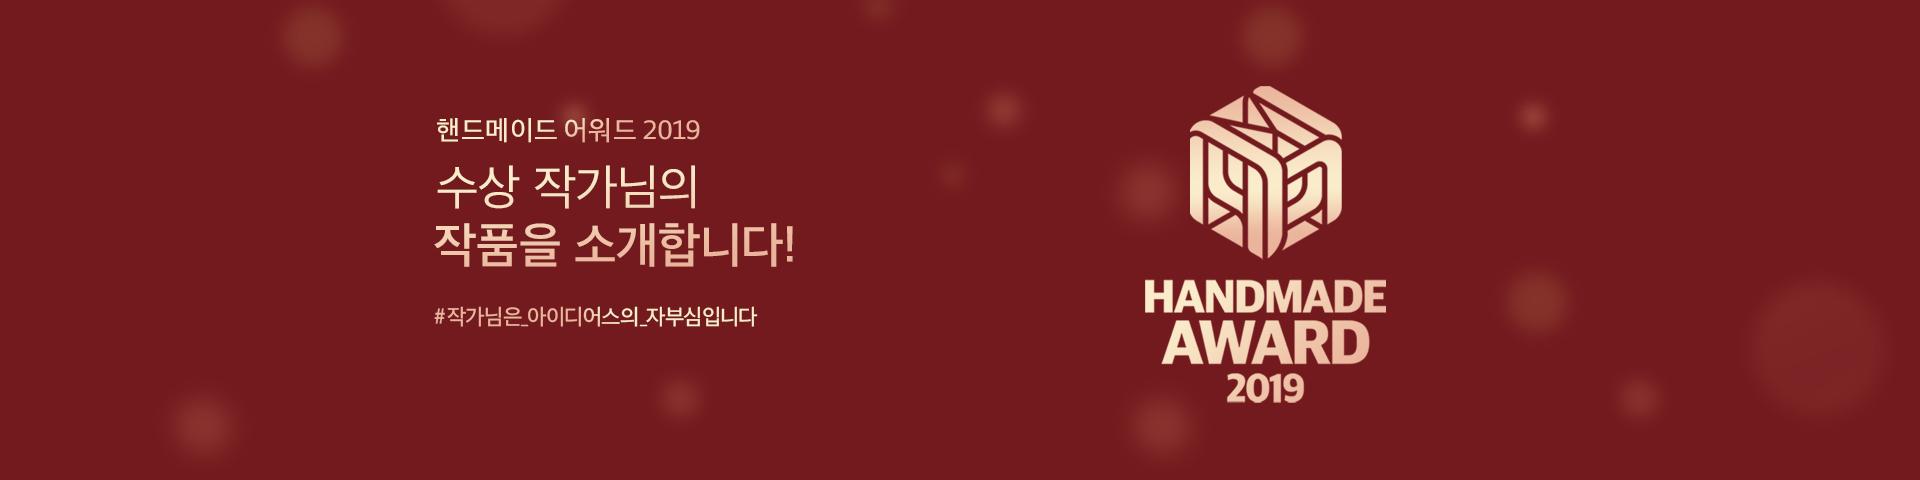 핸드메이드 어워드 2019, 수상 작가님의 작품을 소개합니다!